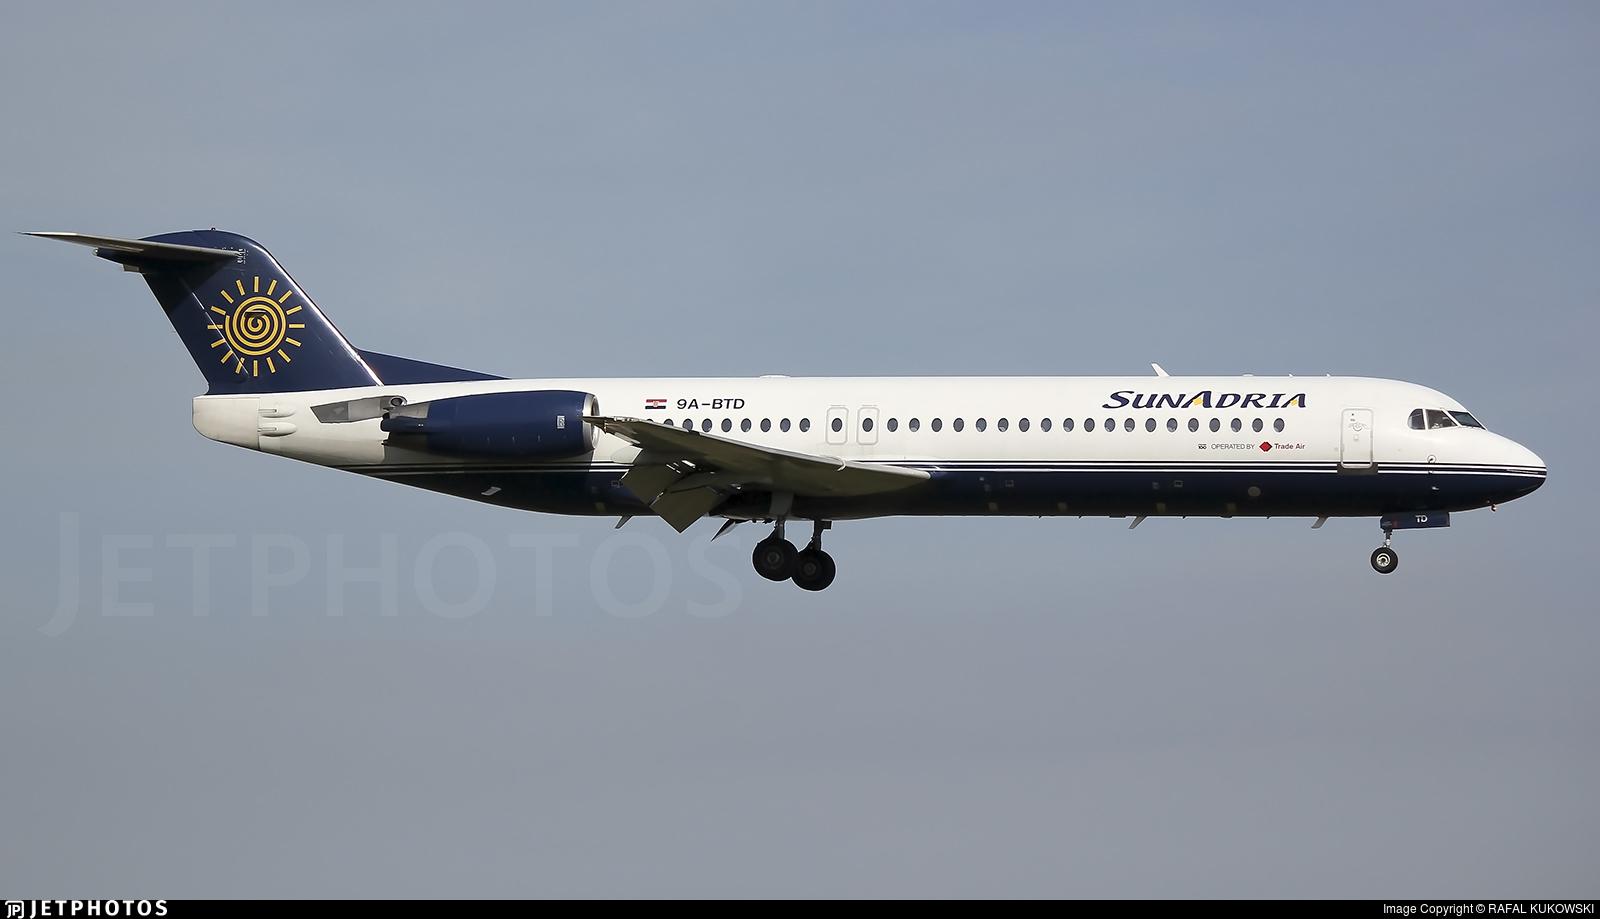 9A-BTD - Fokker 100 - SunAdria